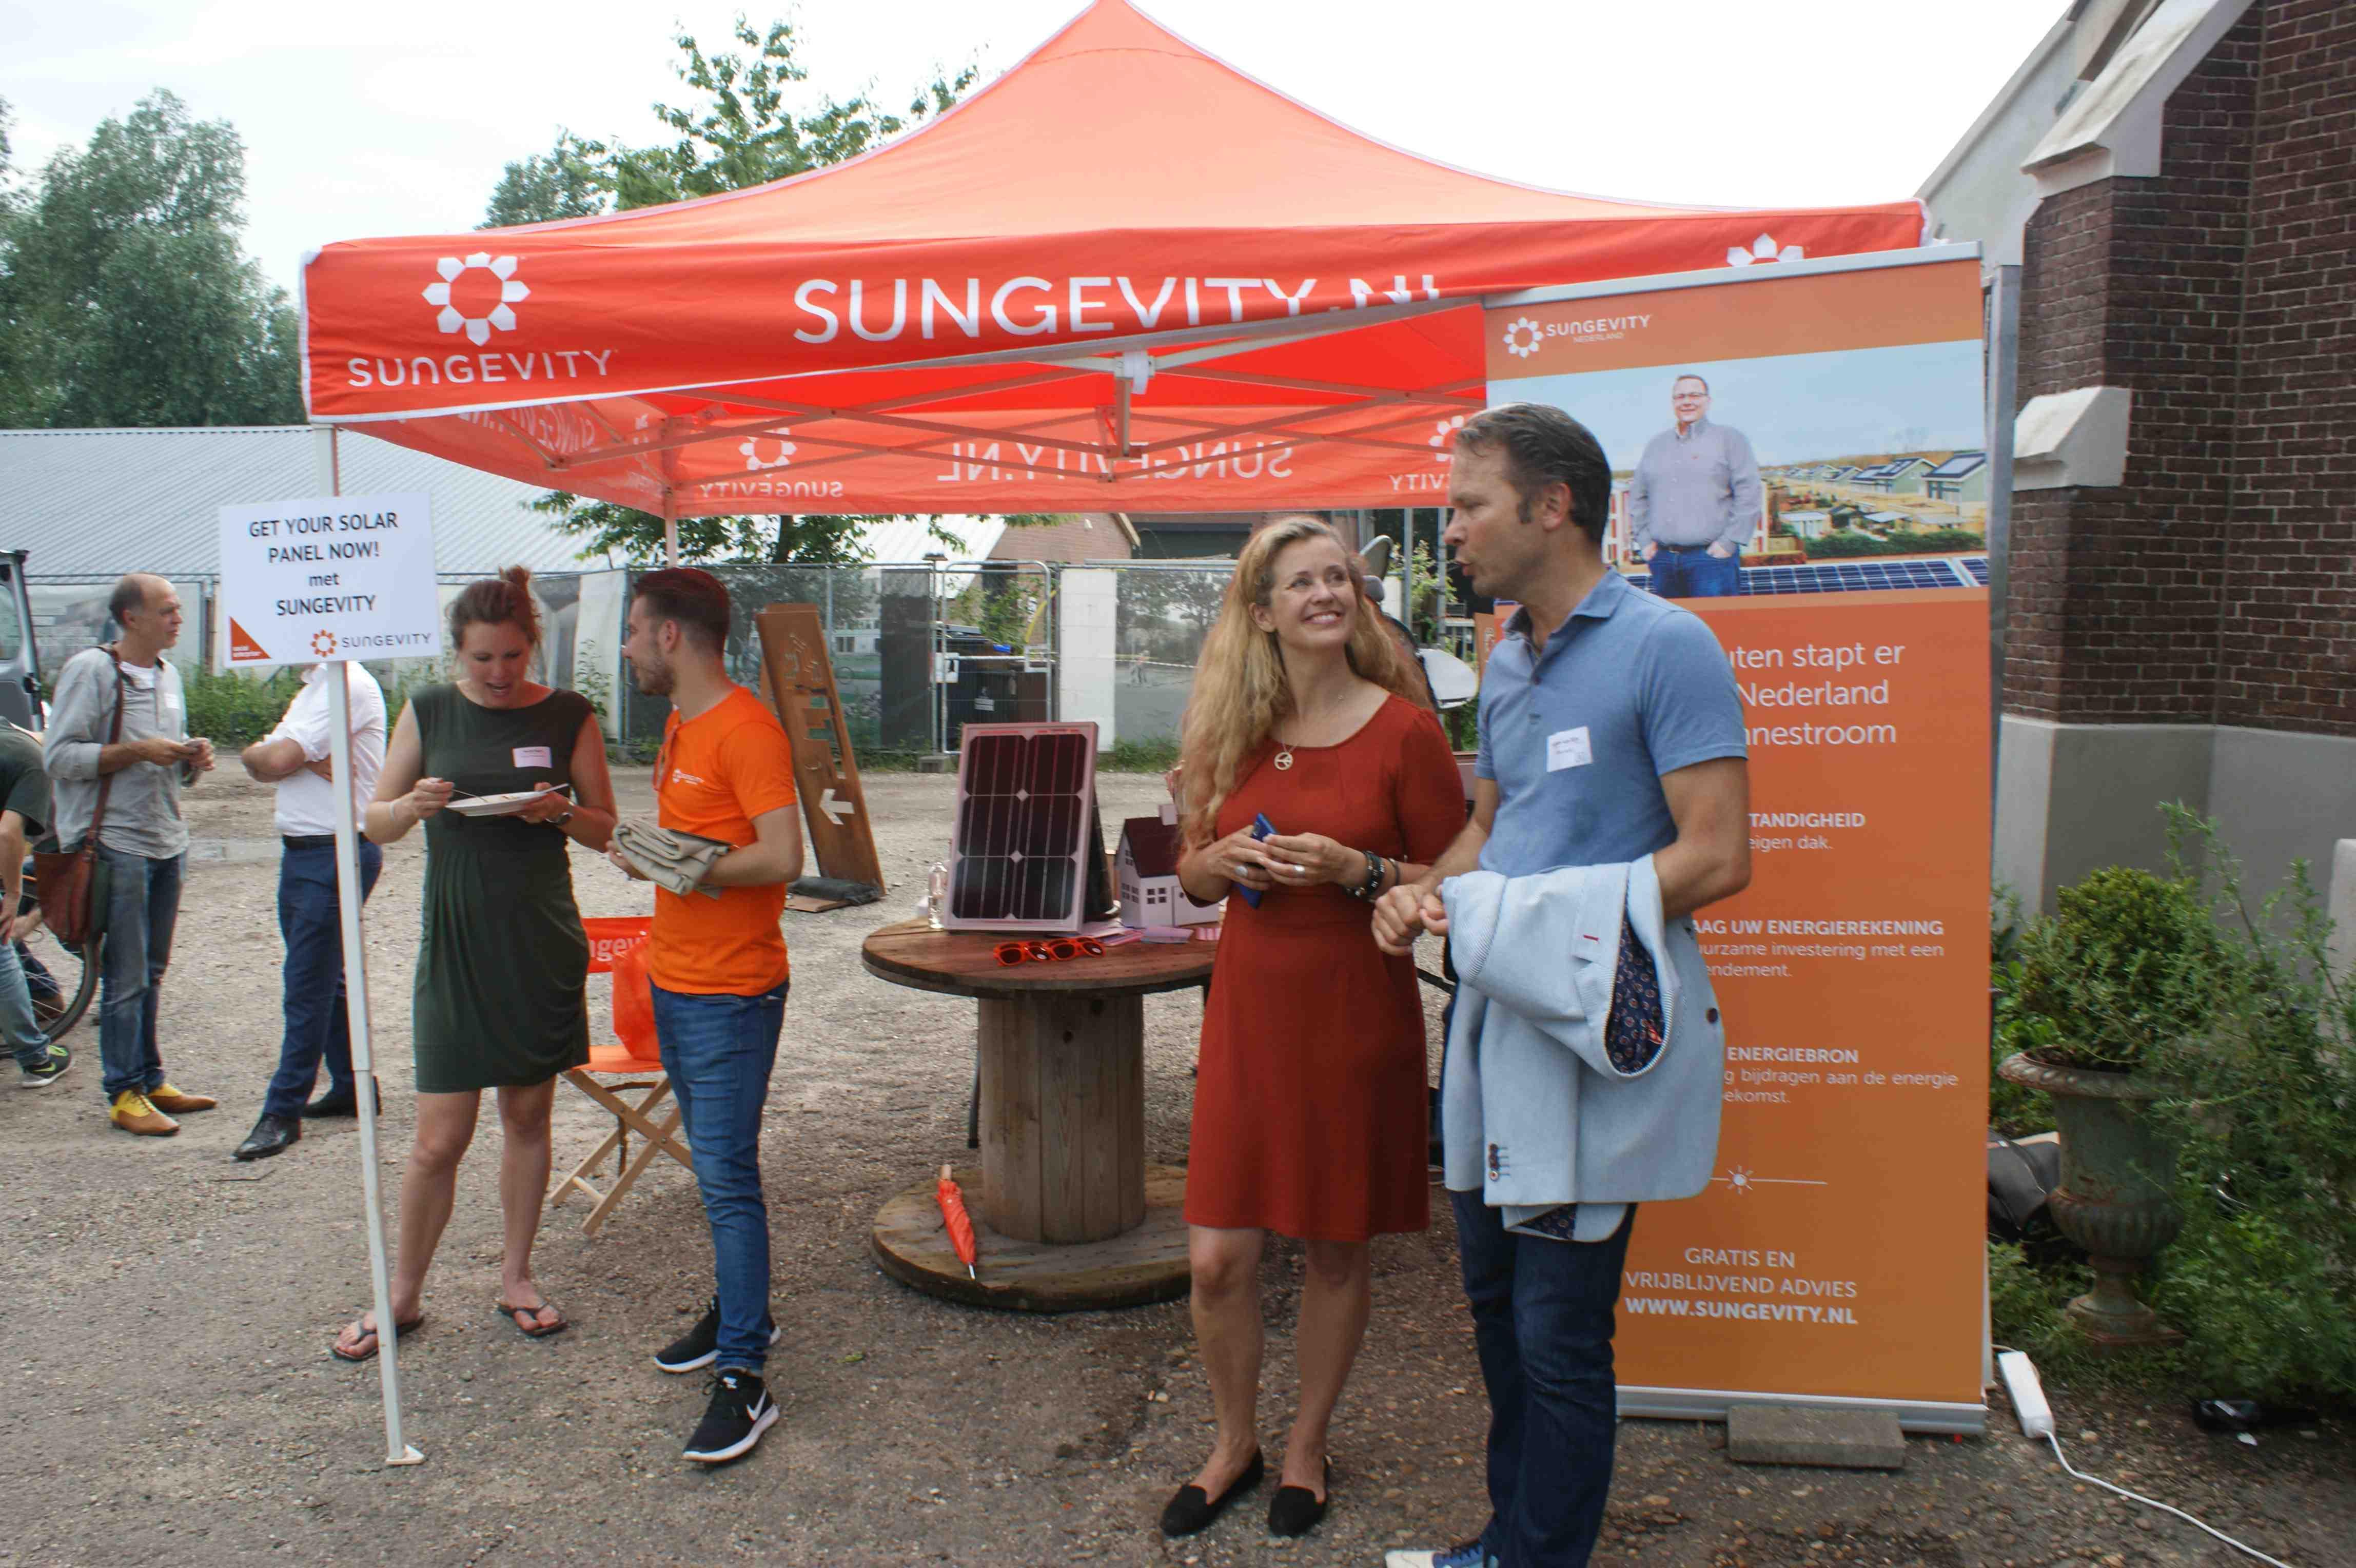 Social enterprise event 2016 sungevity.jpg